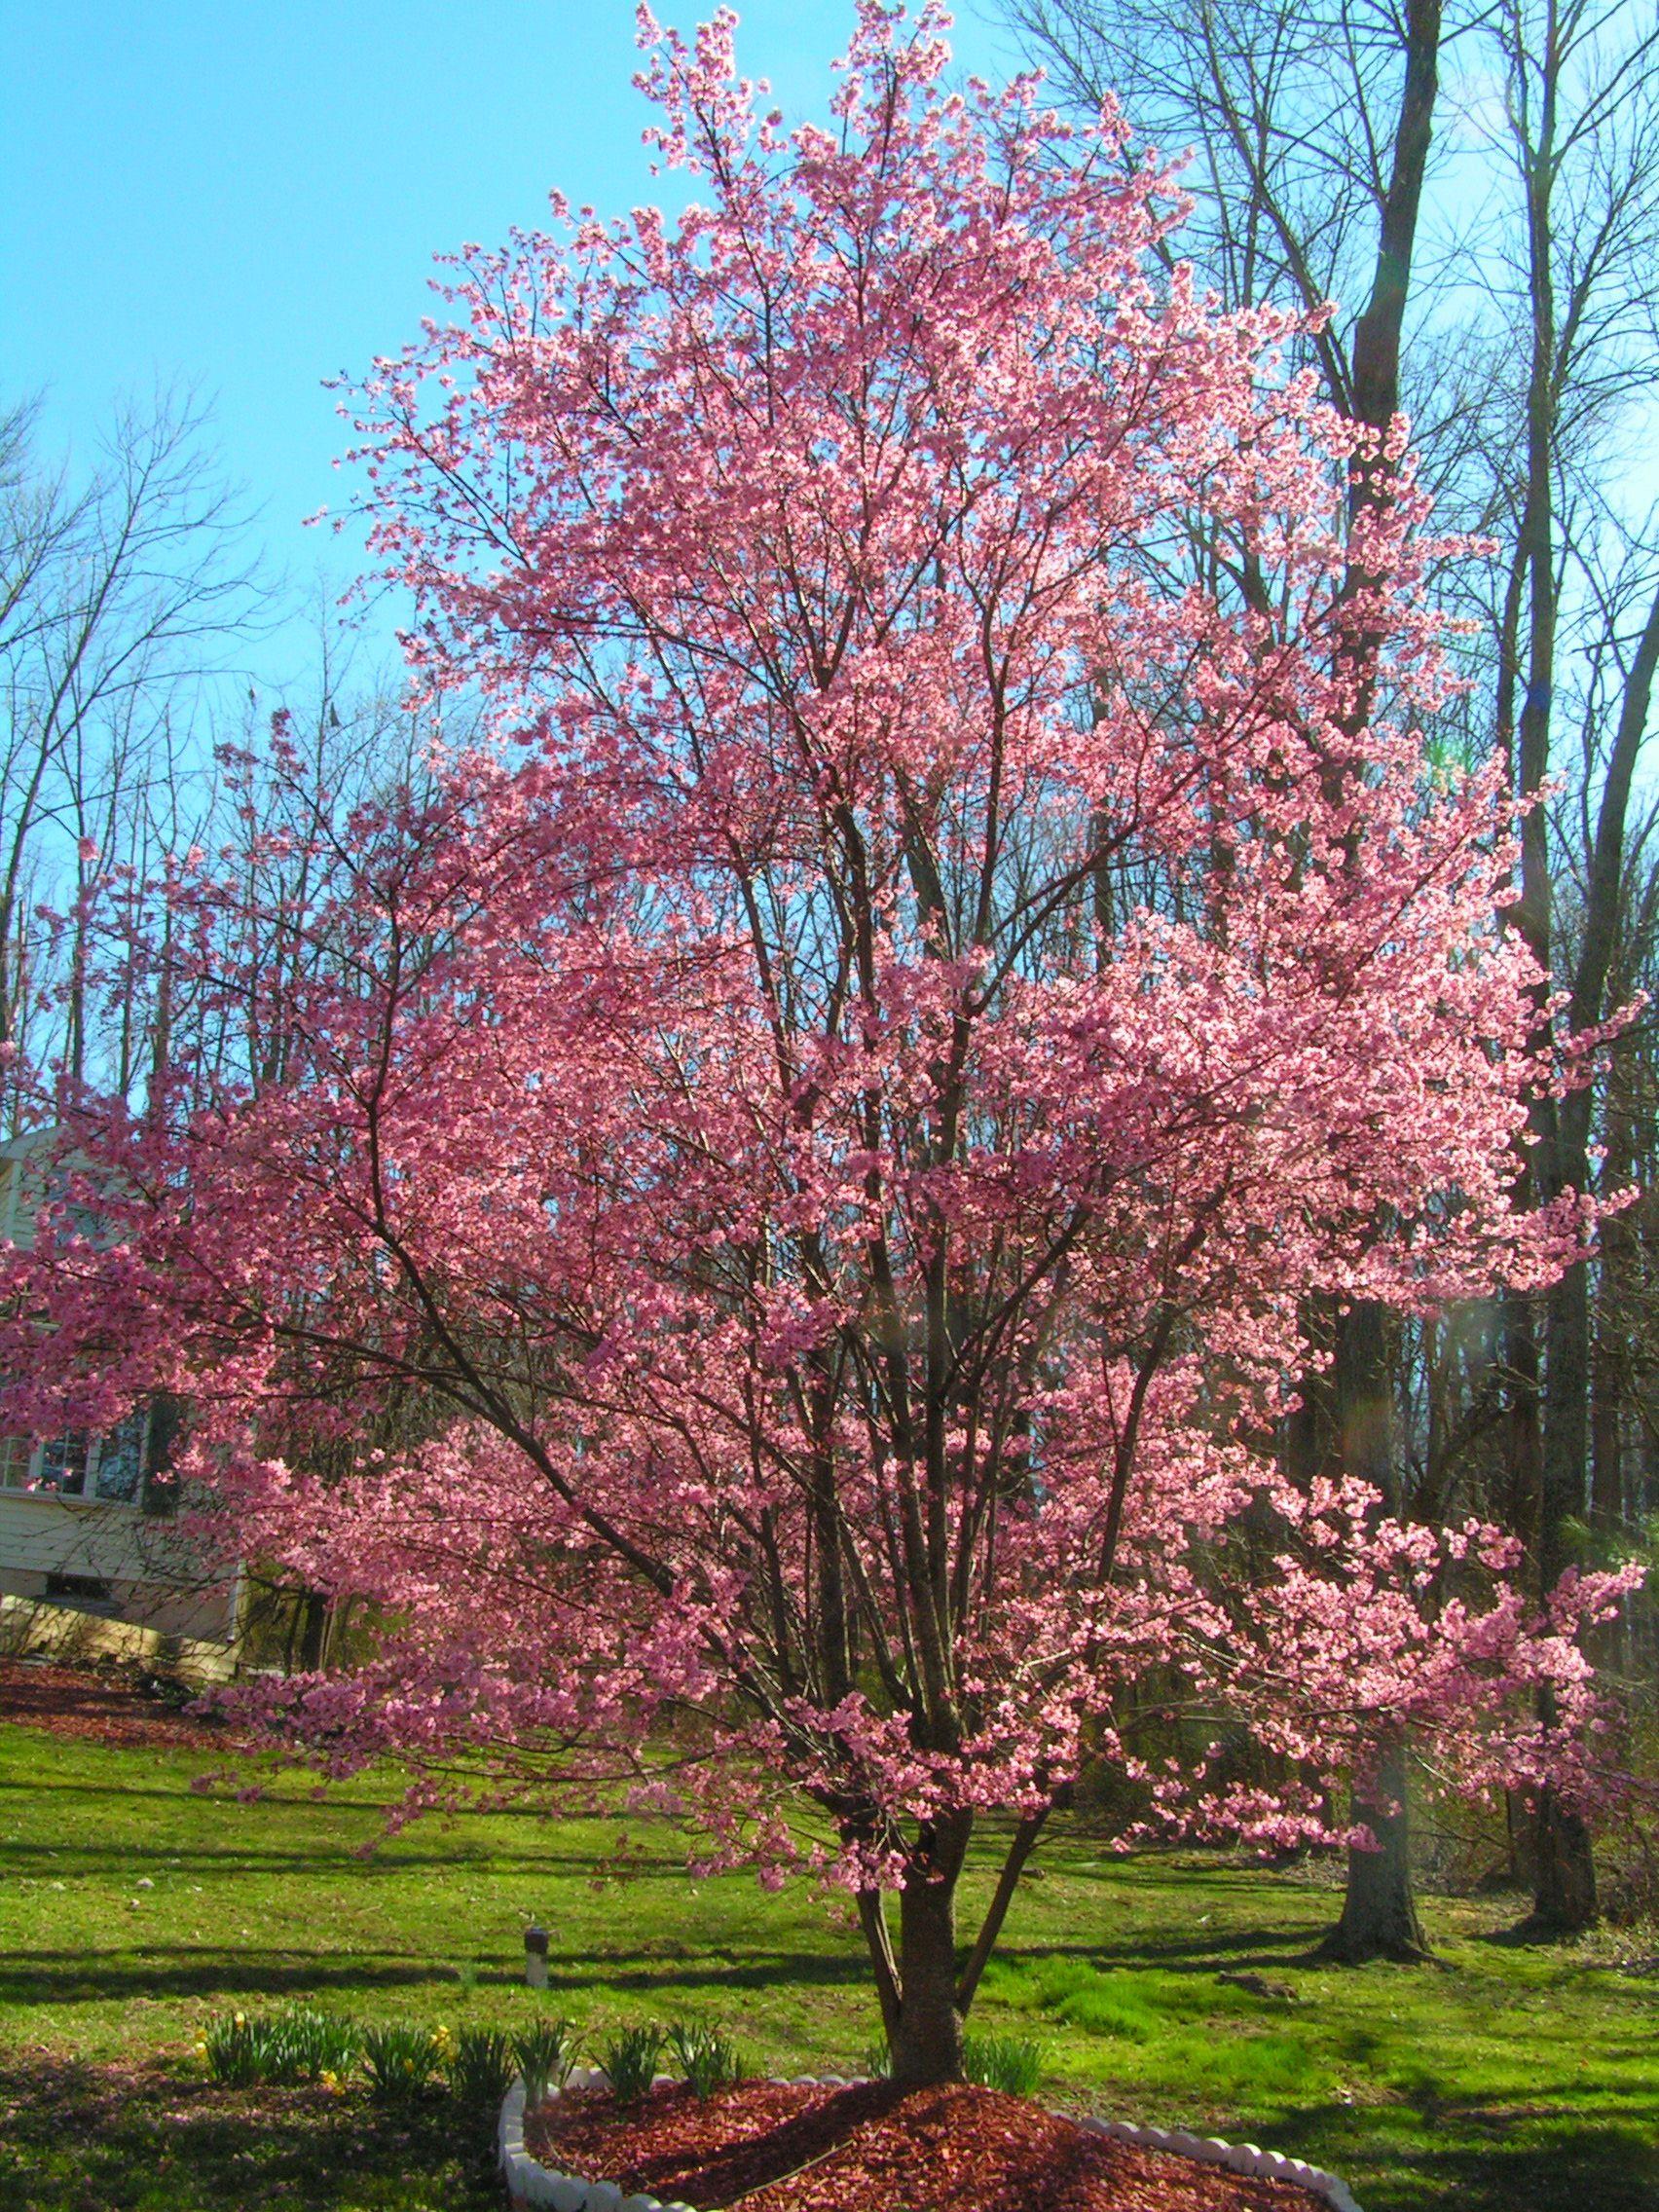 Baby Colours Tree Photography Blossom Trees Cherry Blossom Tree